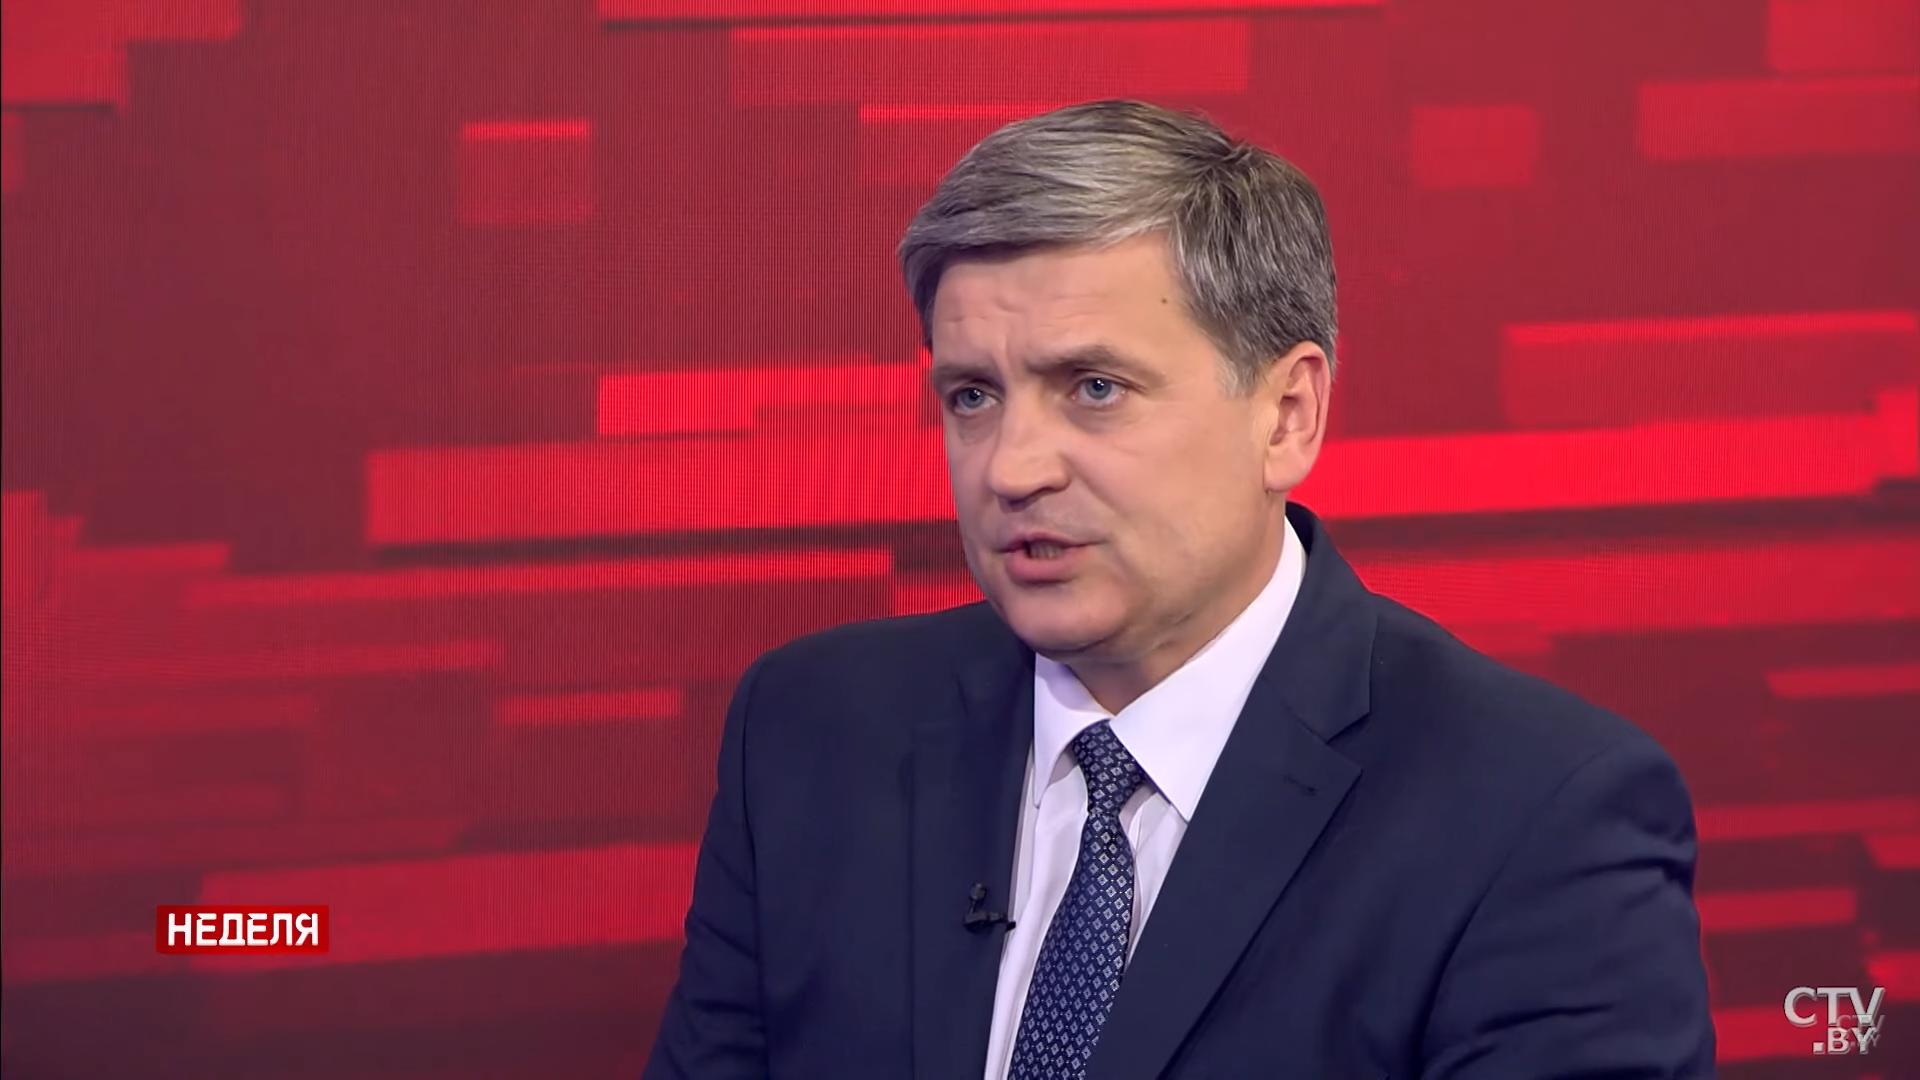 Minister informacji Białorusi chce ograniczyć dostęp do informacji szkodzących państwu